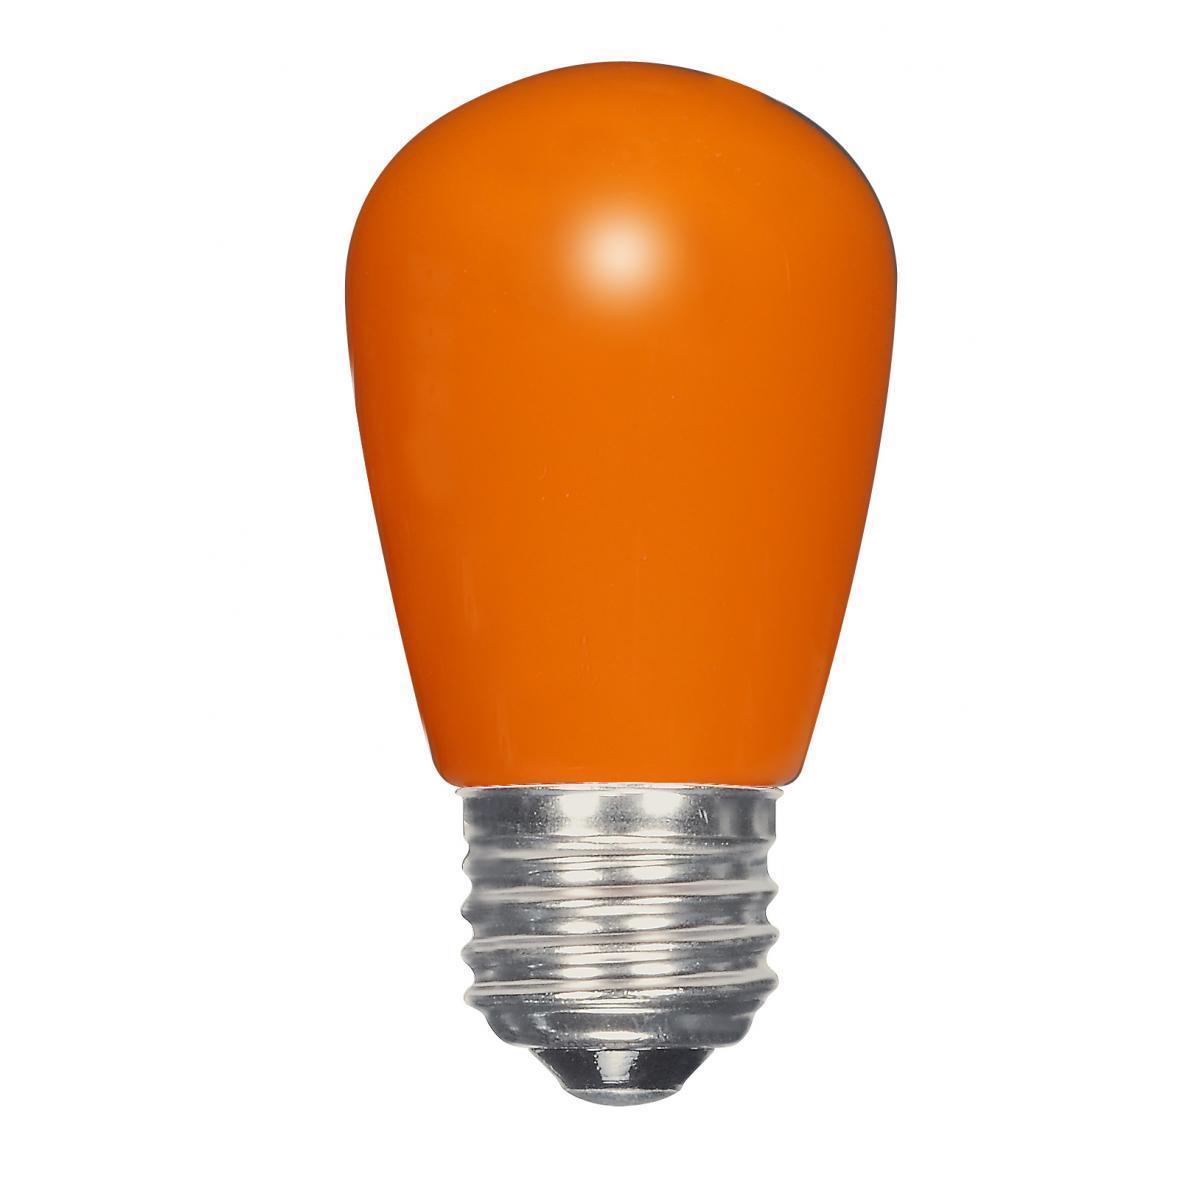 SATCO 1.4W LED S14 - Ceramic Orange - Medium Base - 120V ...